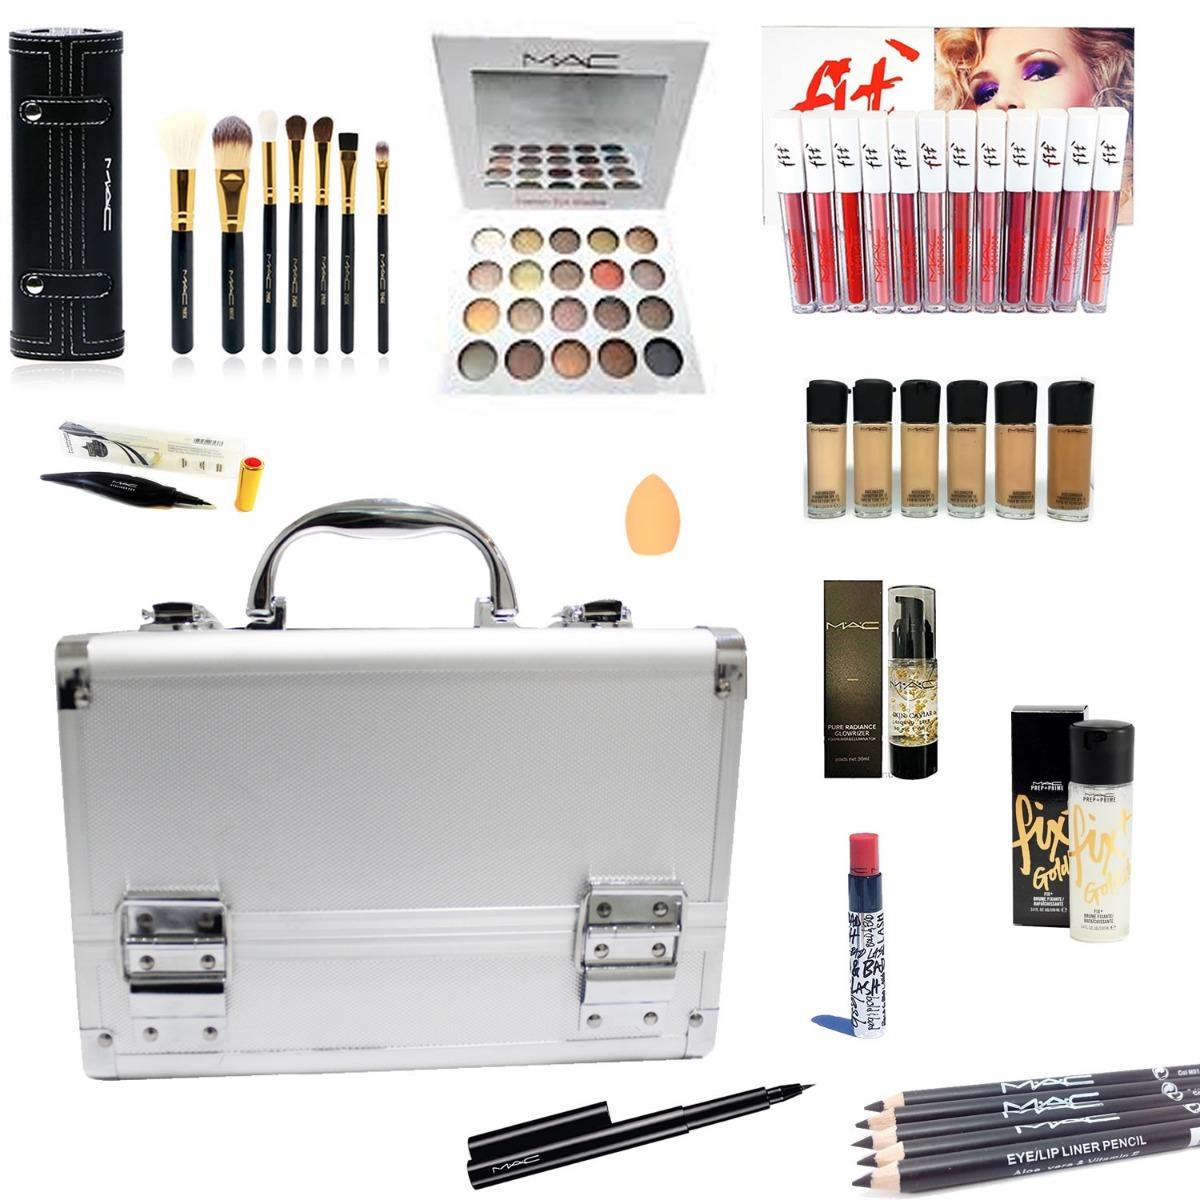 51e091ced Maletín Set Maquillaje Profesional Kit Combo Mac Makeup - $ 9.980,00 ...